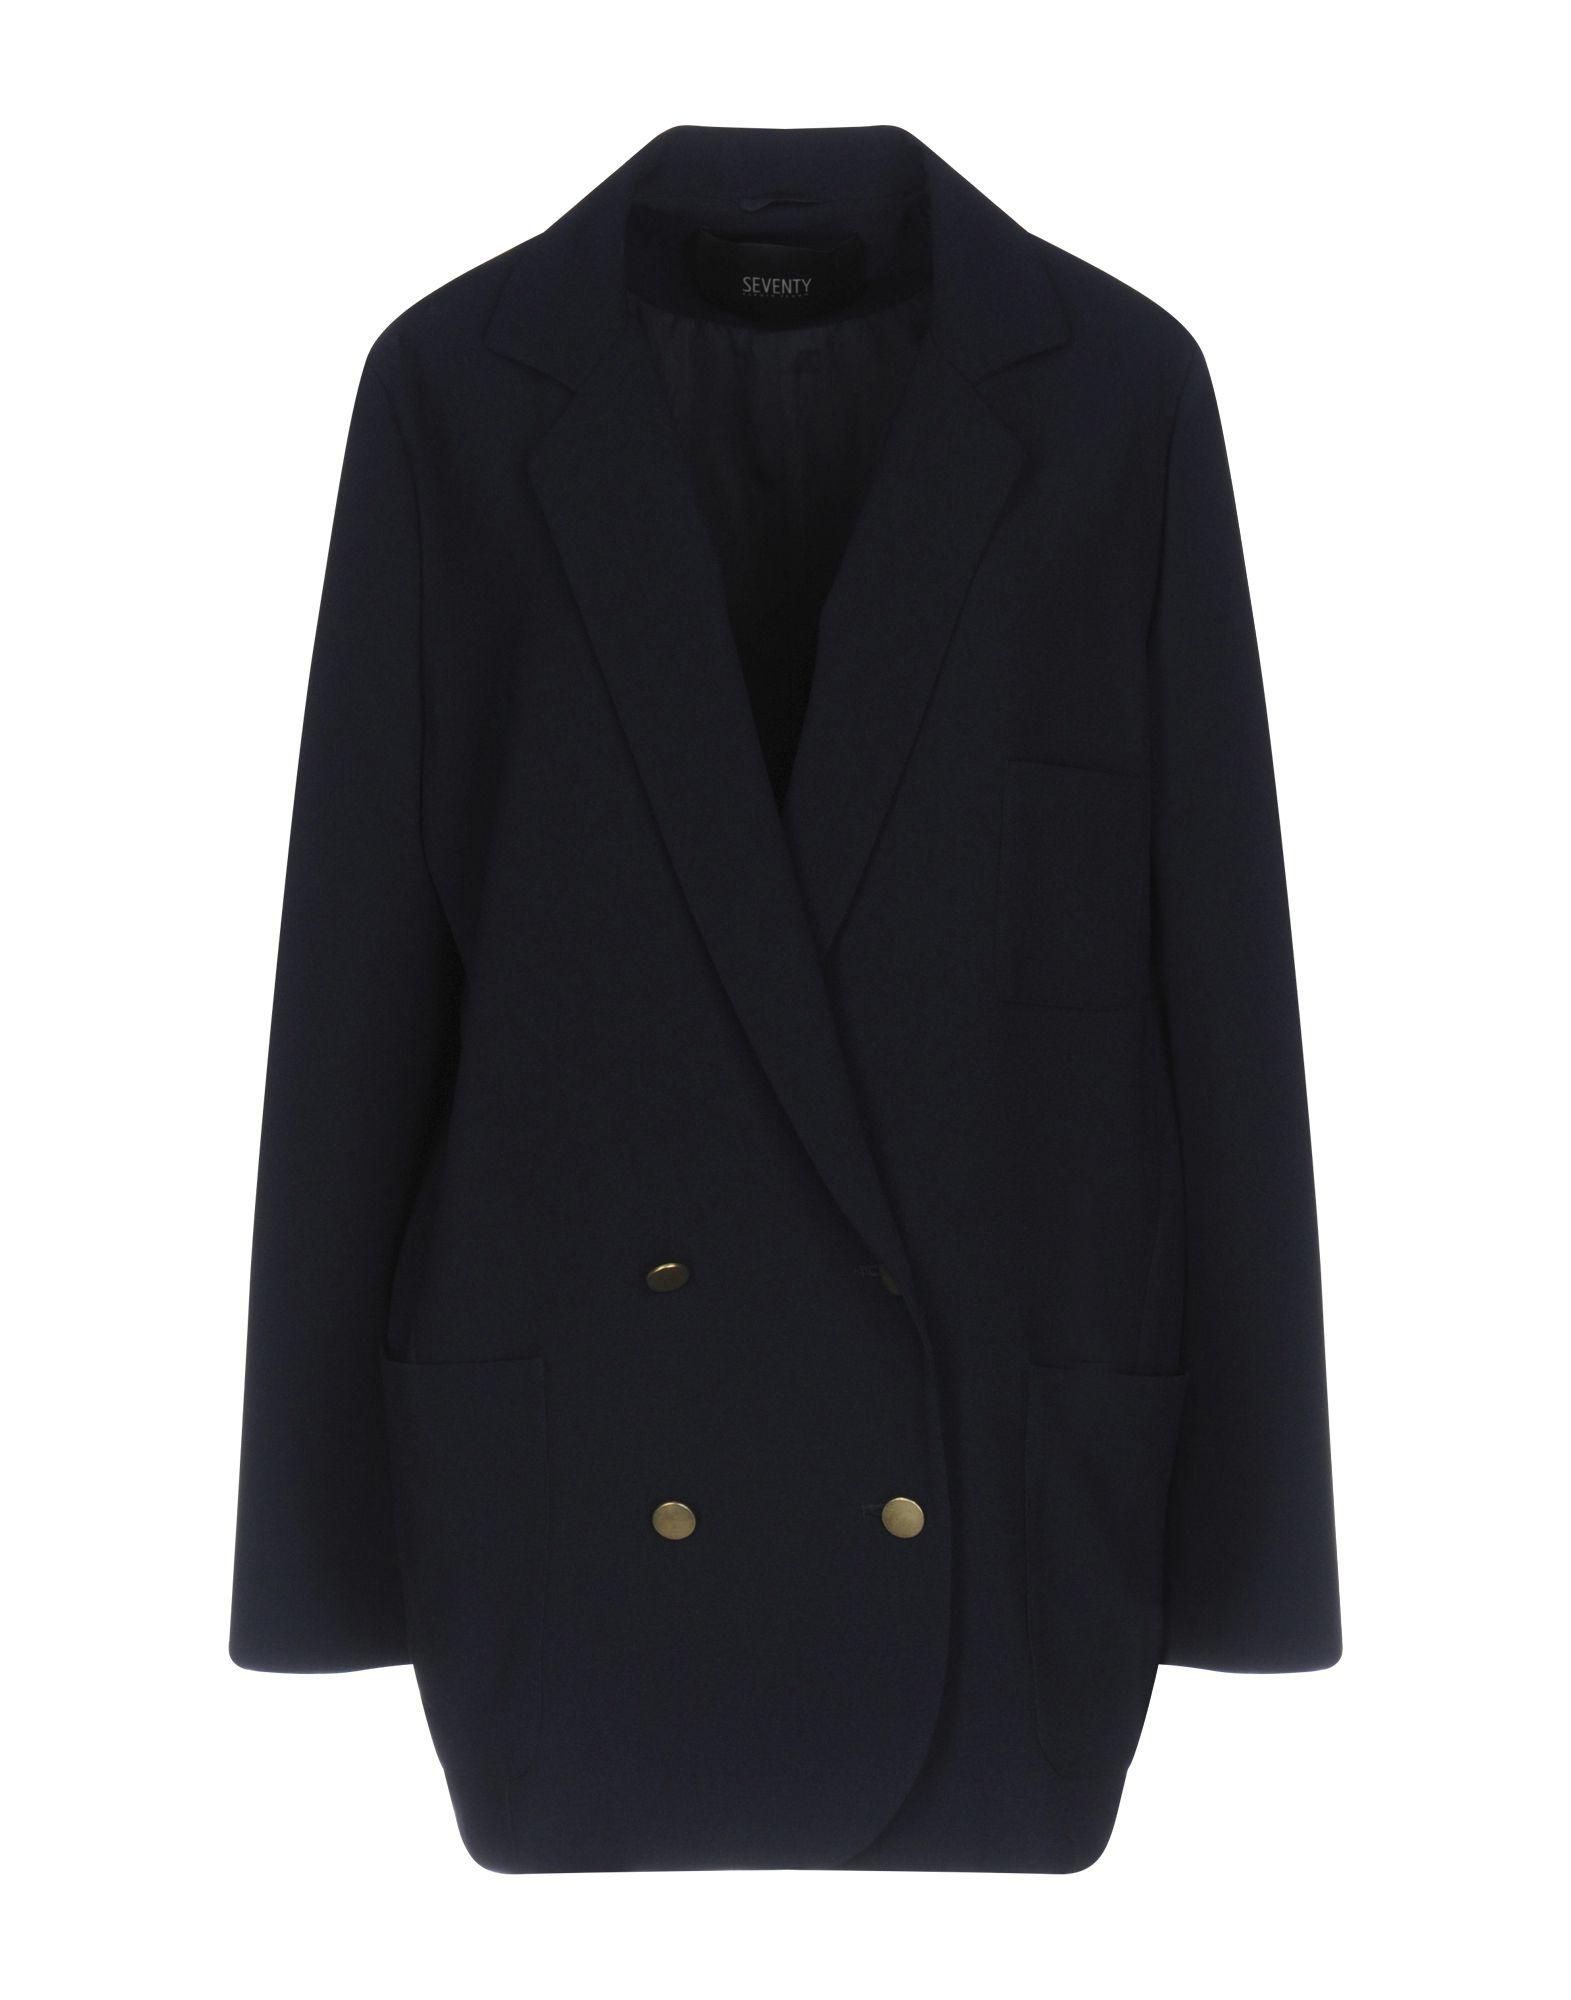 SEVENTY SERGIO TEGON Damen Jackett Farbe Dunkelblau Größe 5 jetztbilligerkaufen